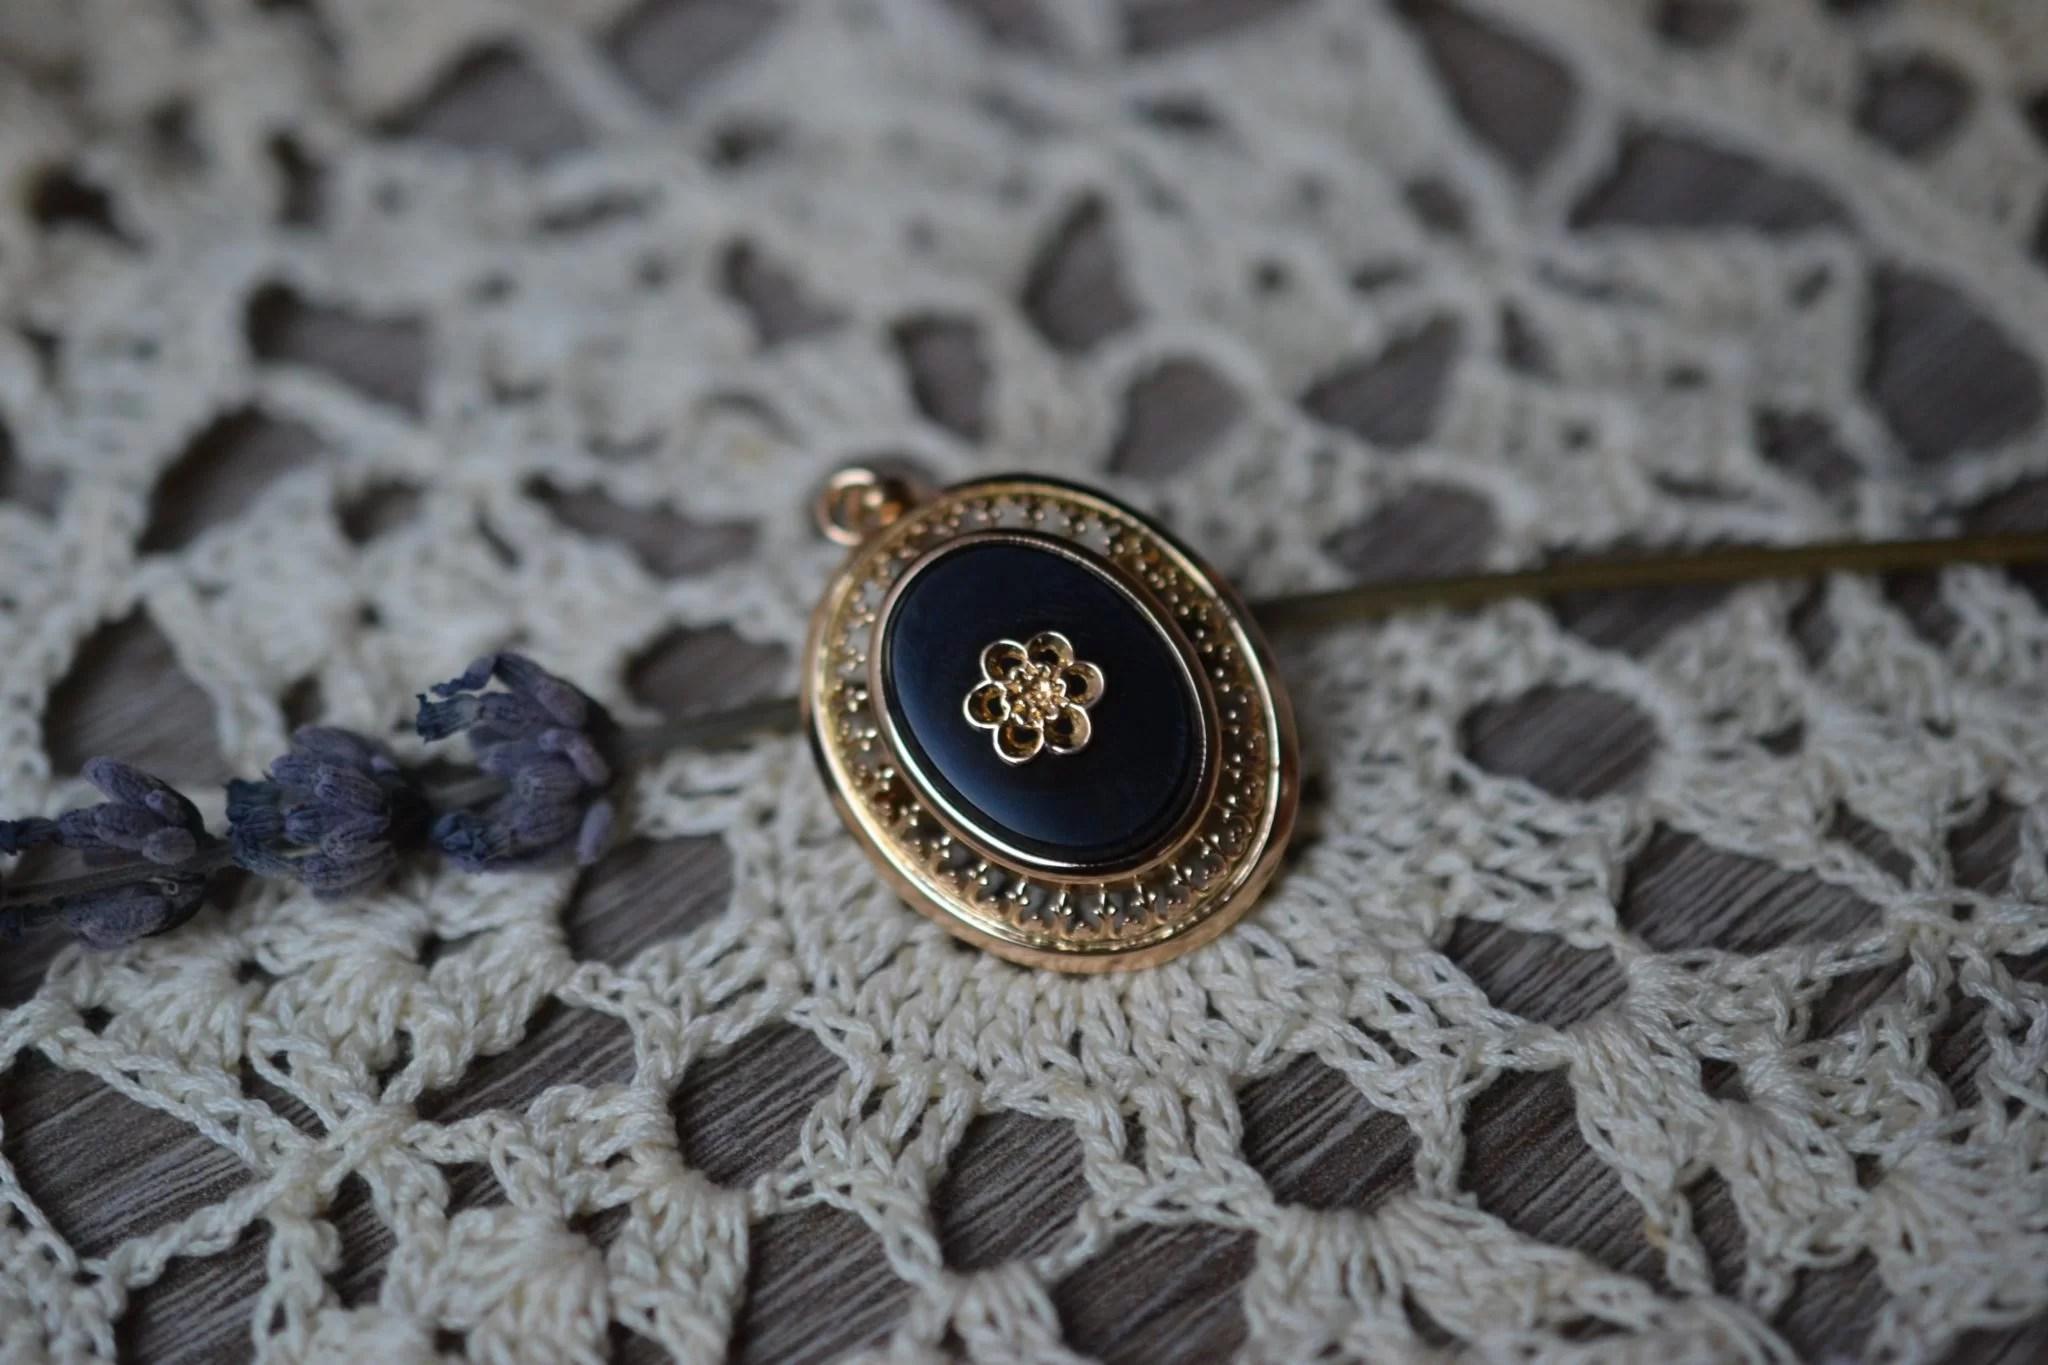 Broche Pendentif En Or Jaune Centrée D_une Plaquette D_onyx Et D_un Motif De Fleur Bijou Vintage